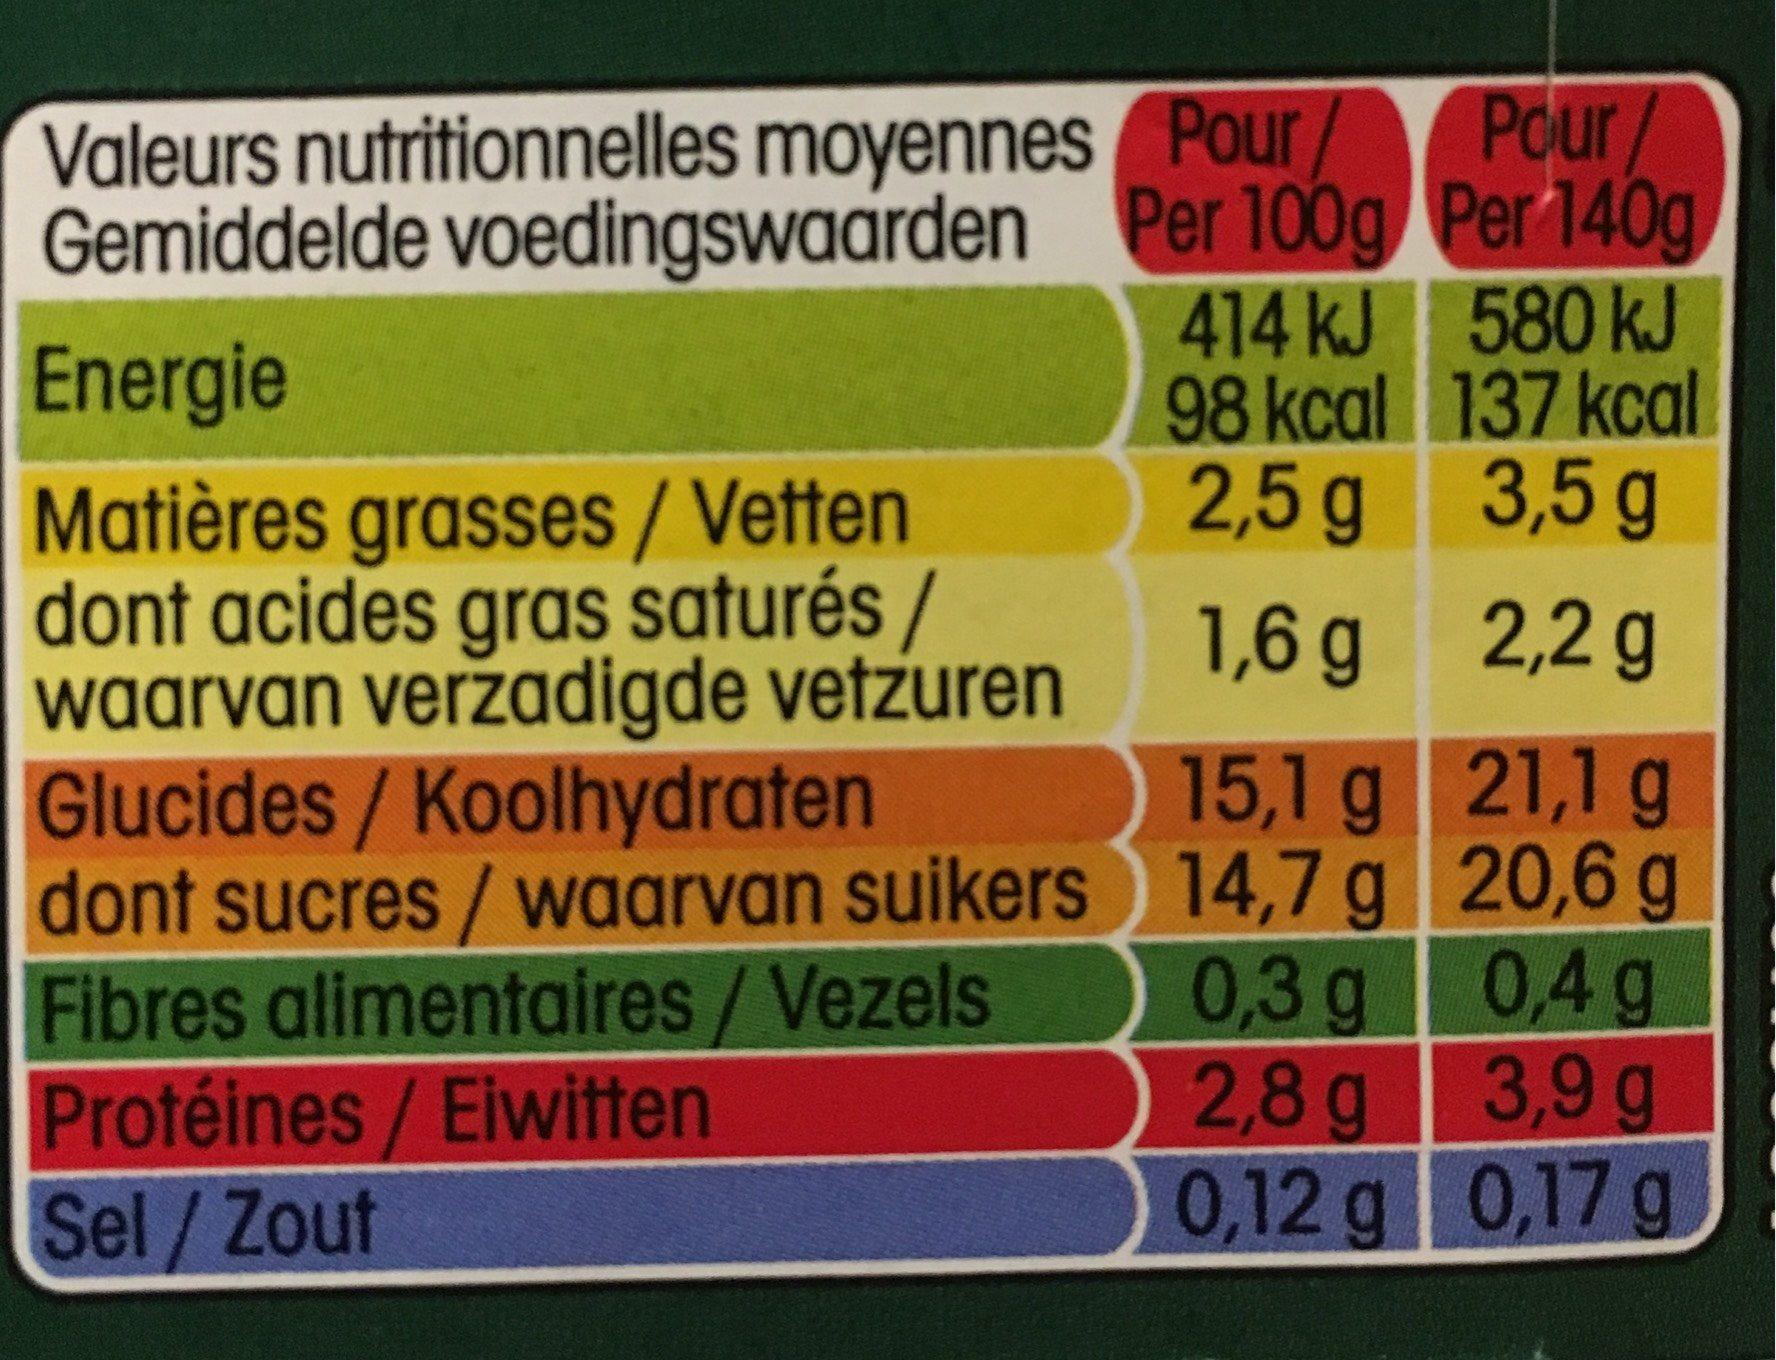 Panier de Yoplait - Informations nutritionnelles